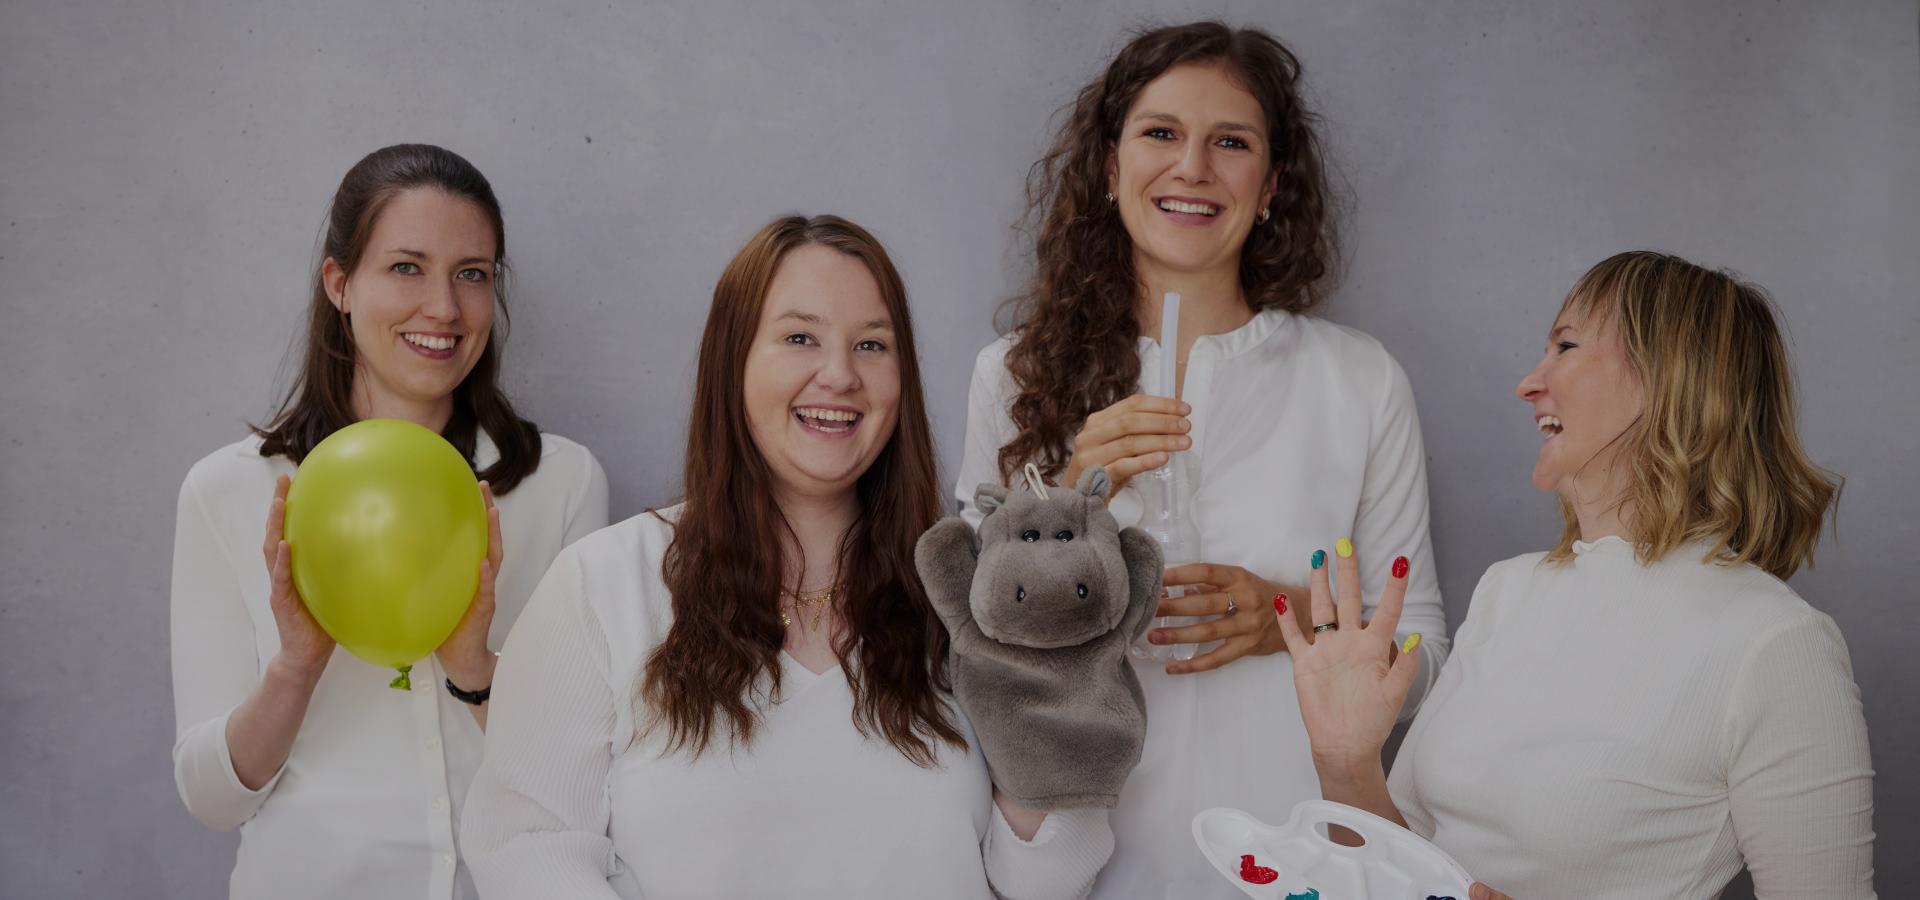 Team: Birthe O., Julia T., Julia B., Olga I.